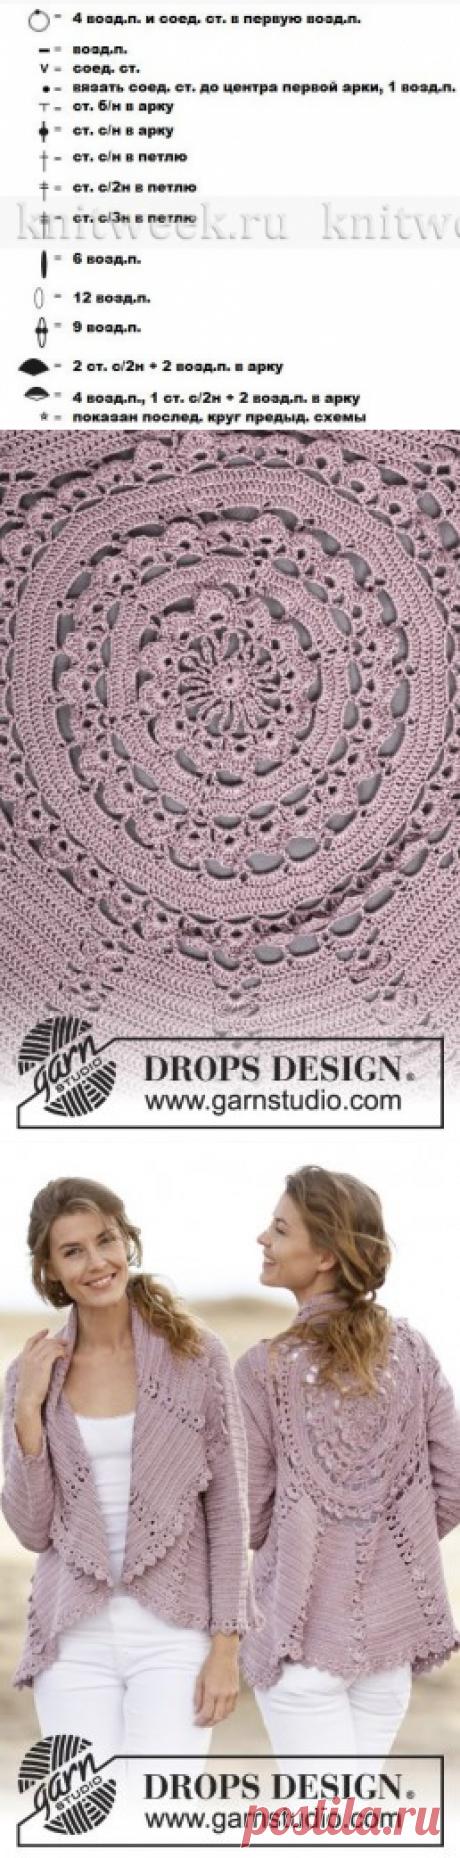 Интересный жакет крючком от DROPS DESIGN